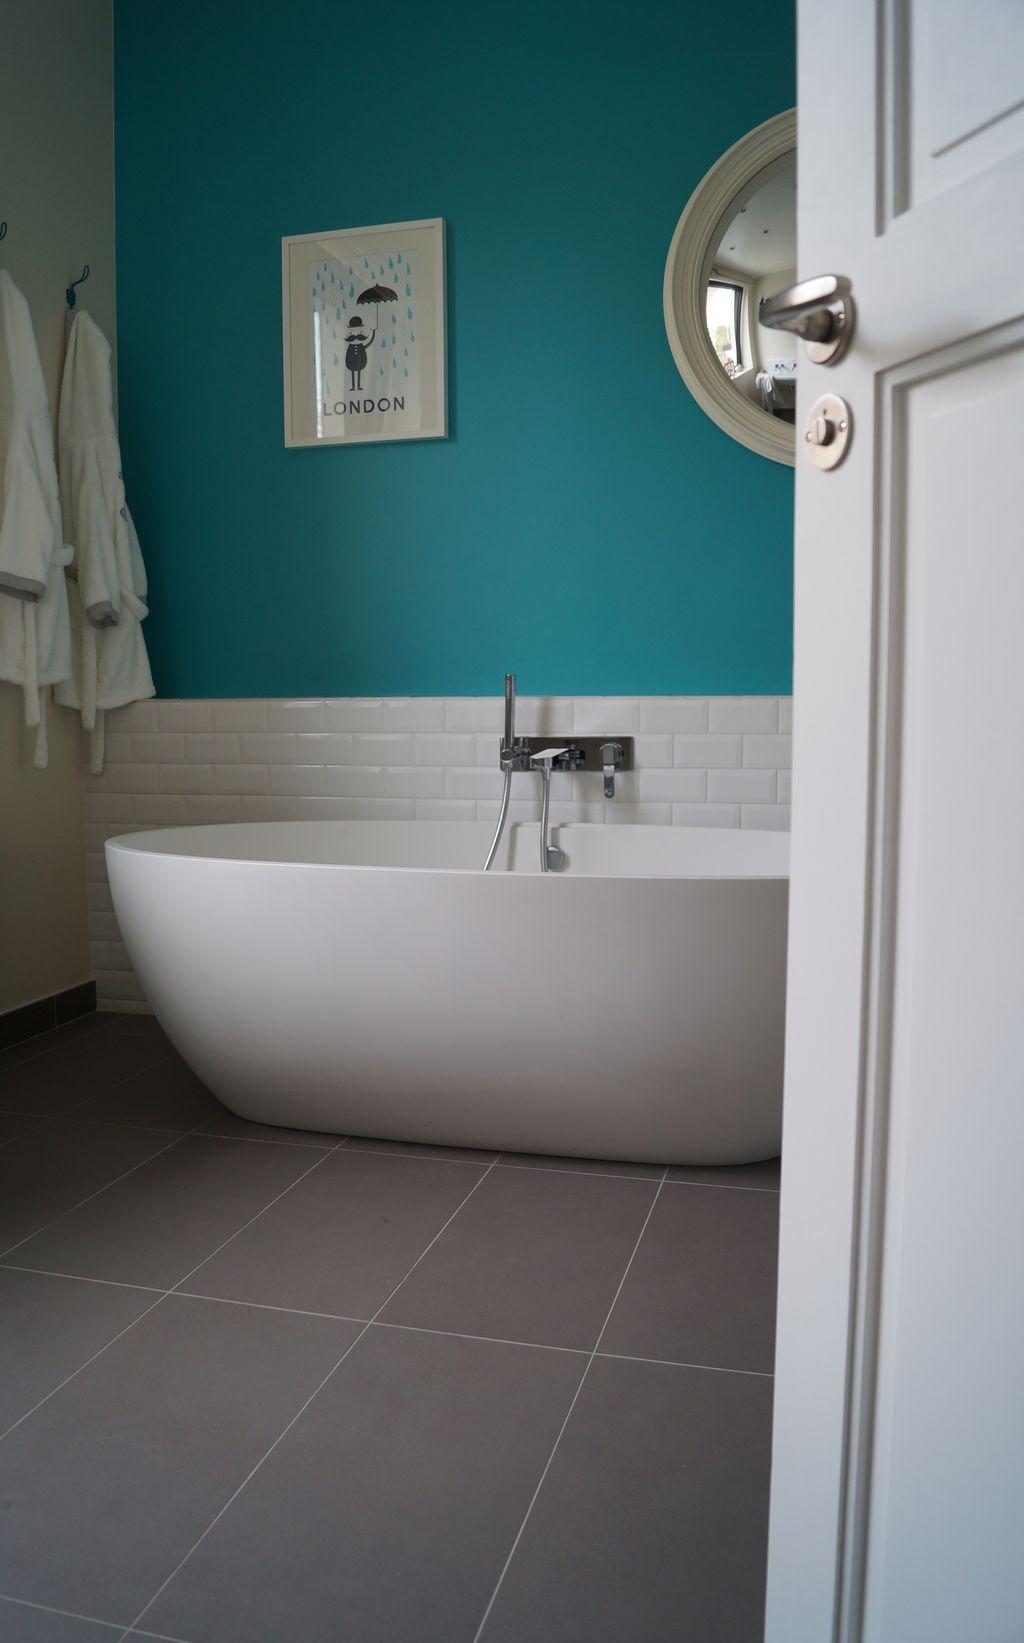 Salle De Bain Chocolat Turquoise salle de bains bleu turquoise (avec images) | salle de bain